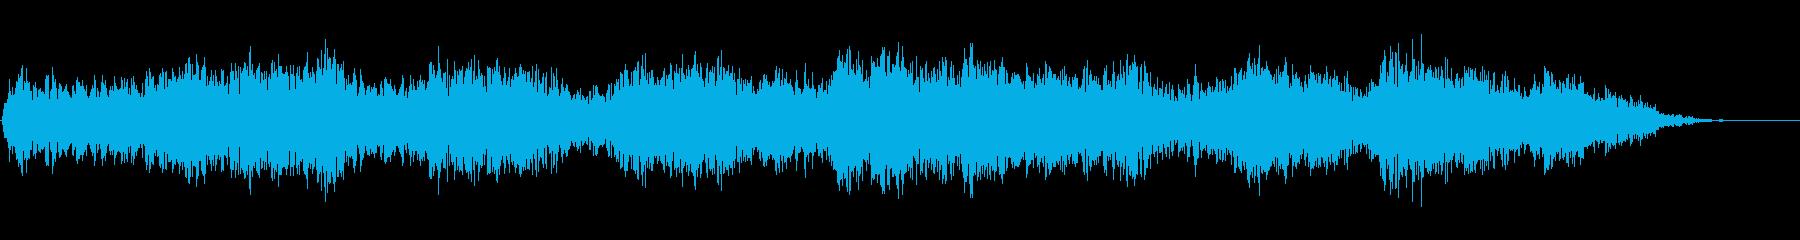 背景音 ホラー 9の再生済みの波形